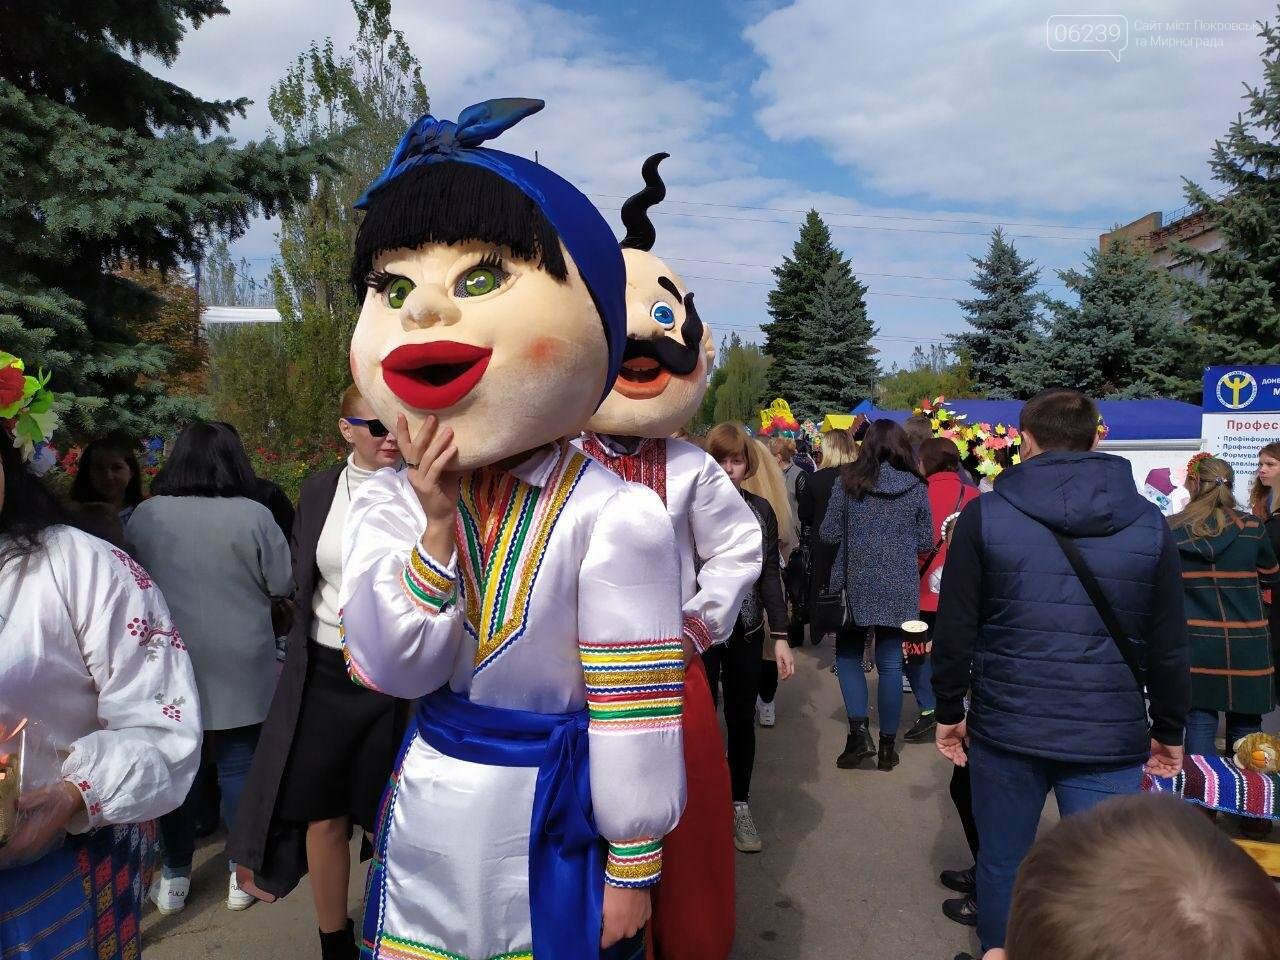 На выходных в Мирнограде состоялся яркий и масштабный праздник «Мирноградская осень» - фотоотчет , фото-5